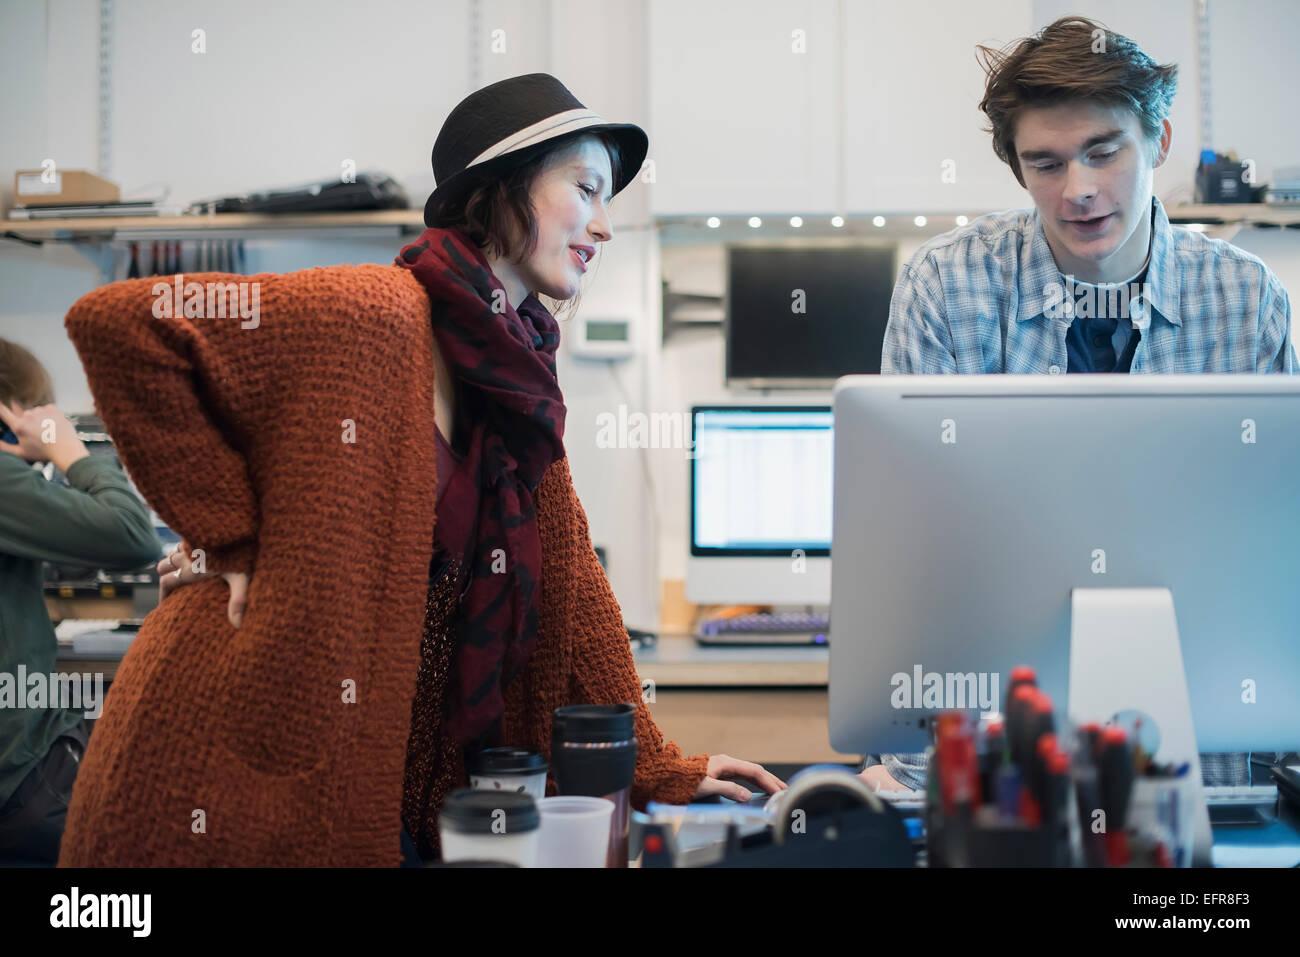 Tienda de reparación de equipo. Un hombre y una mujer hablando de más de un equipo. Imagen De Stock